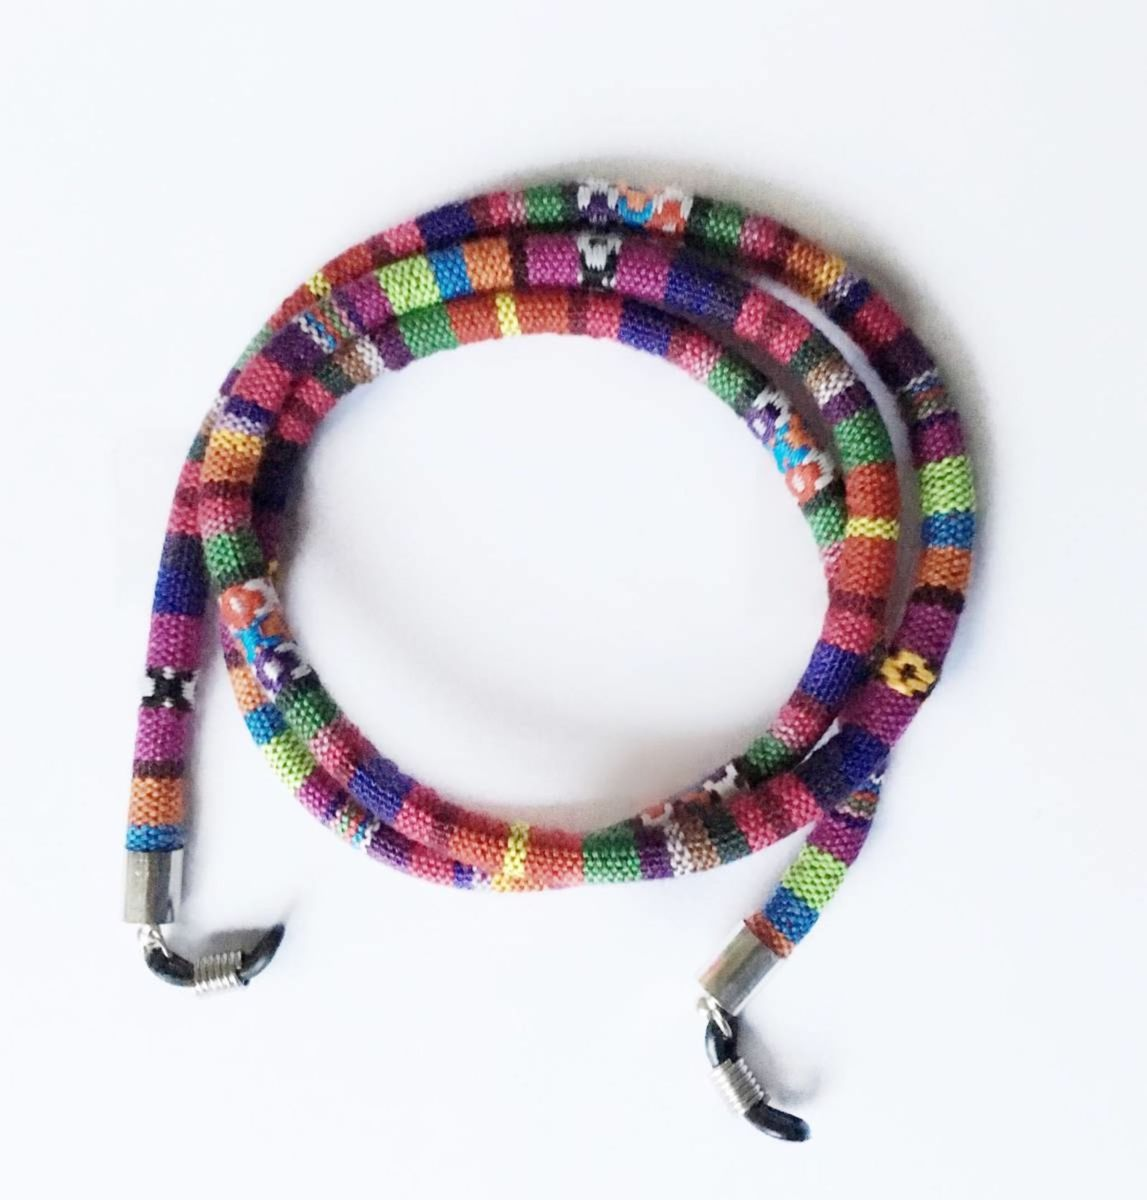 c09dce3d2 ... para oculos colorida wayuu - bijoux daycosta.  Czm6ly9wag90b3muzw5qb2vplmnvbs5ici9wcm9kdwn0cy8ynjiwmjuvzwzinmfkoduyymm4njm4mjdmyju0ywq4ywzjogzhowmuanbn